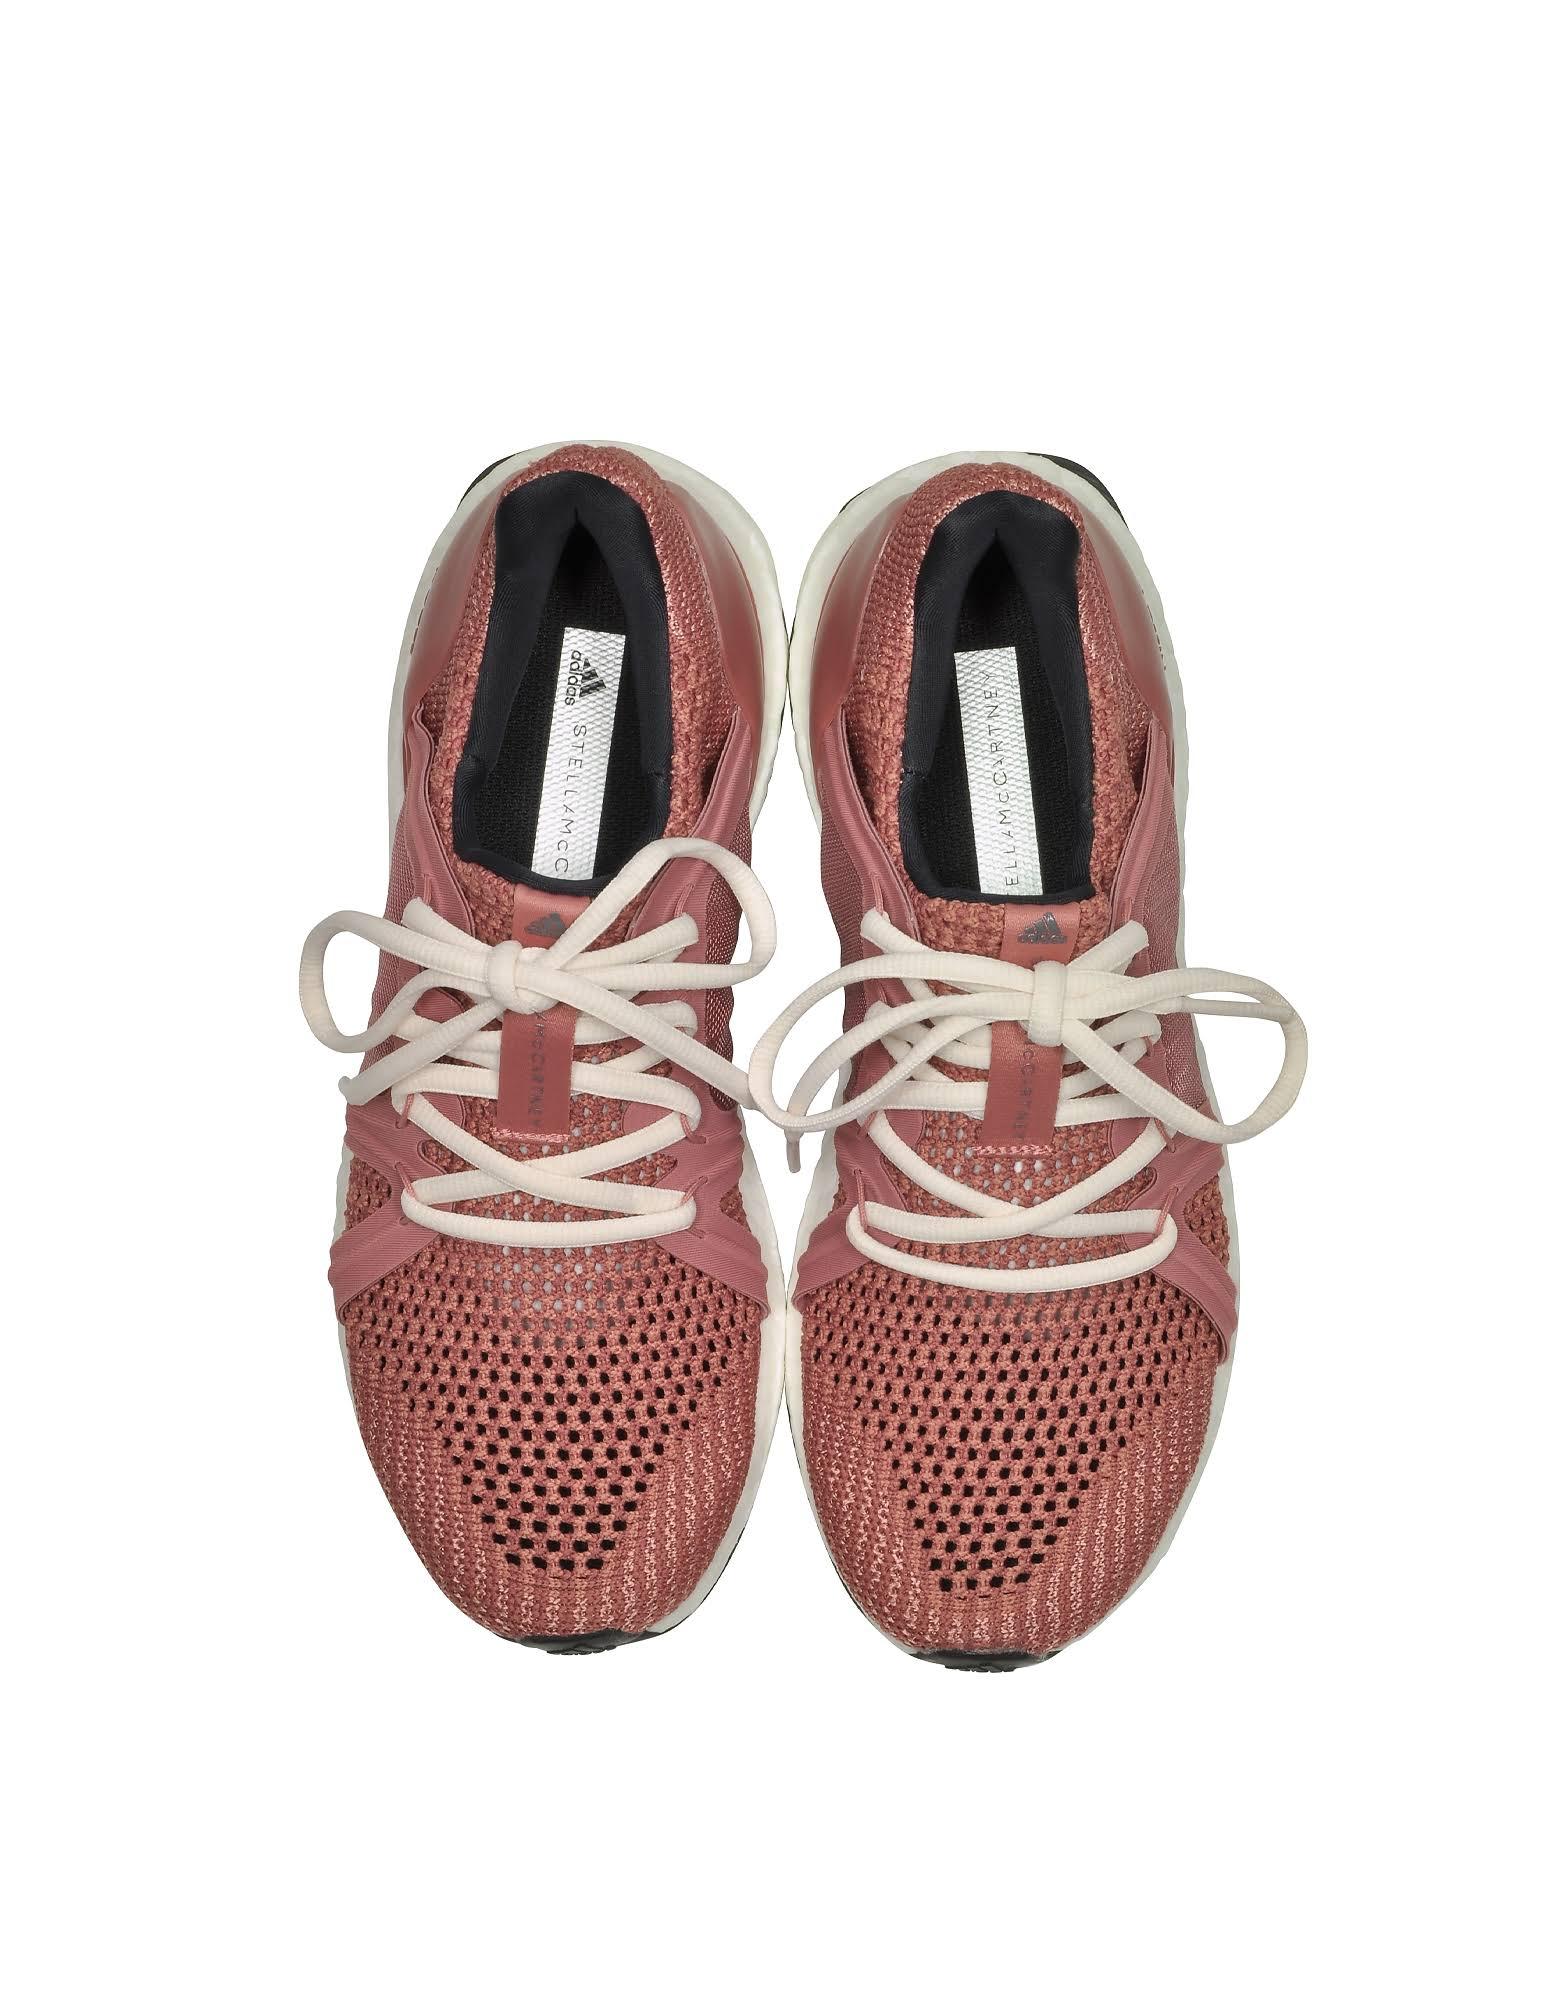 Zapatillas Zapatillas Boost Adidas Ultra Adidas Ultra Boost Zapatillas qvRtBB